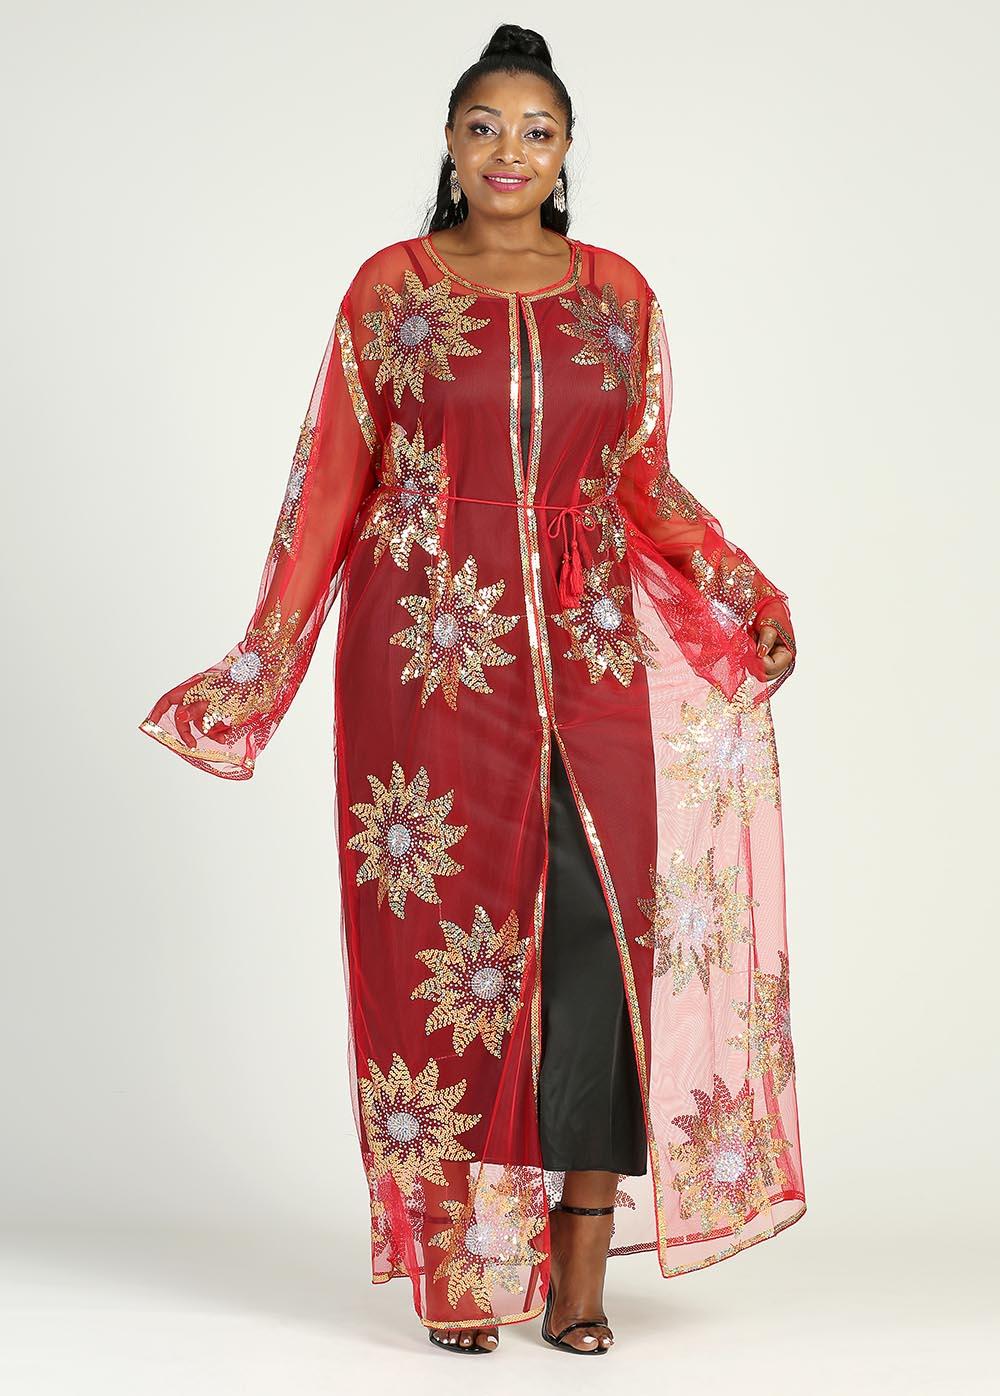 نمط جديد الملابس النسائية الأفريقية Dashiki عباية أنيقة الشاش النسيج الترتر موضة فستان طويل فضفاض حجم الحرة قطعة واحدة